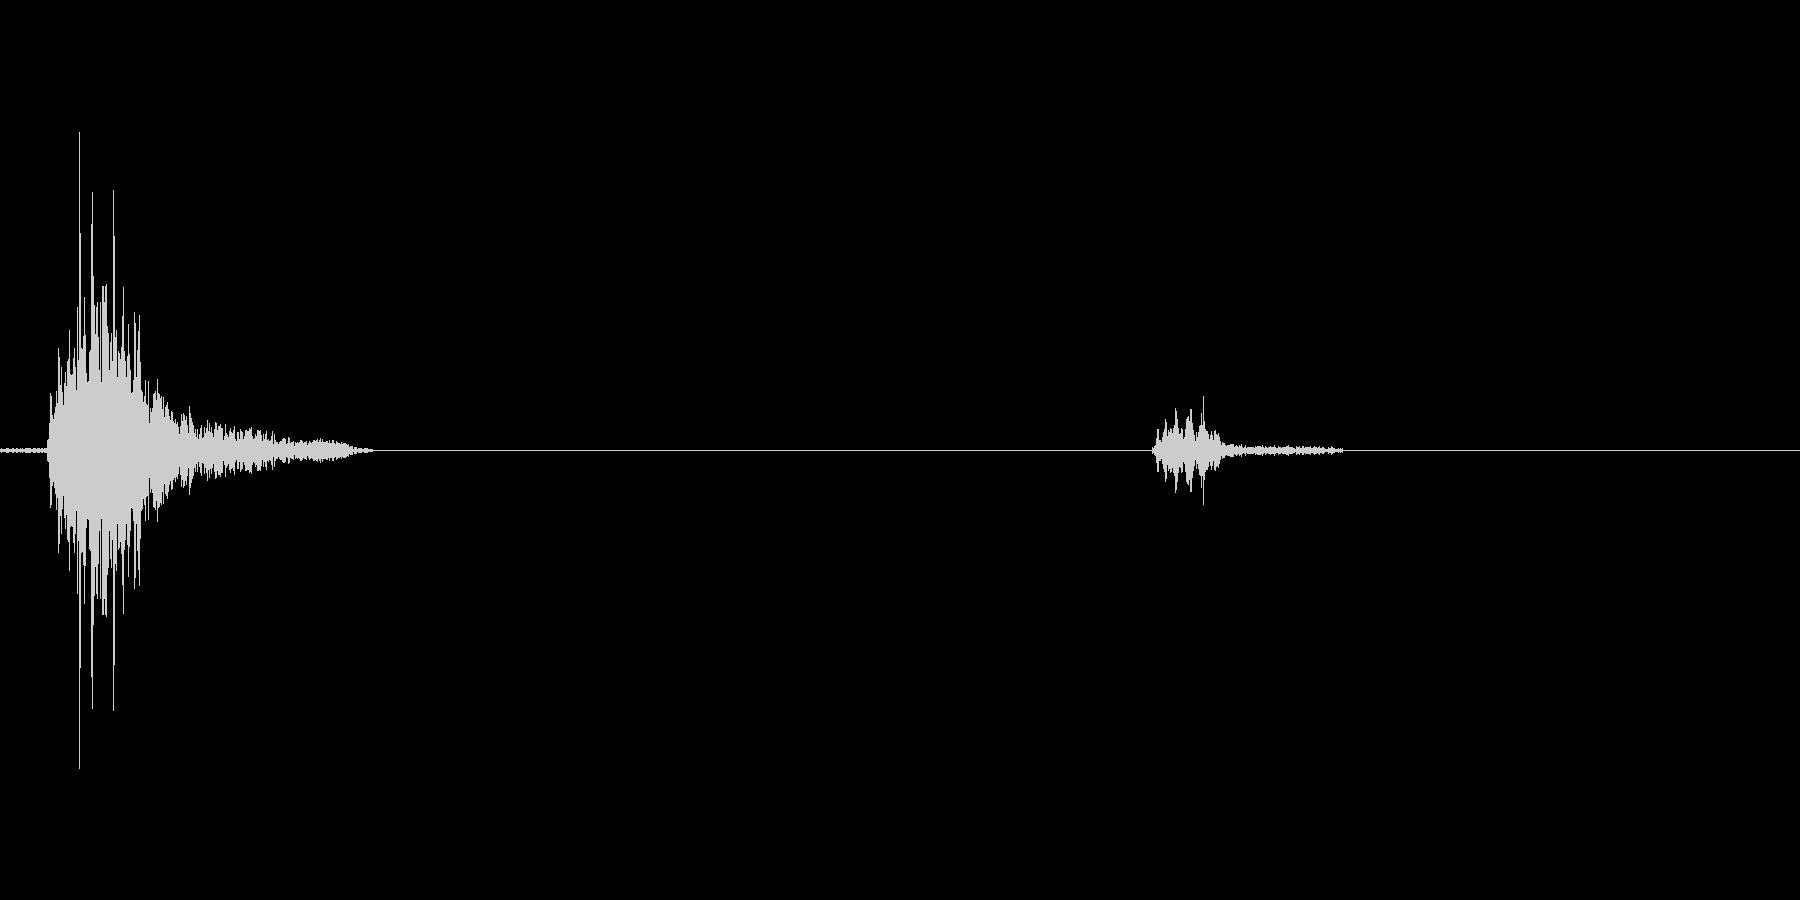 コホッコホ 咳(5歳の女の子) - 01の未再生の波形